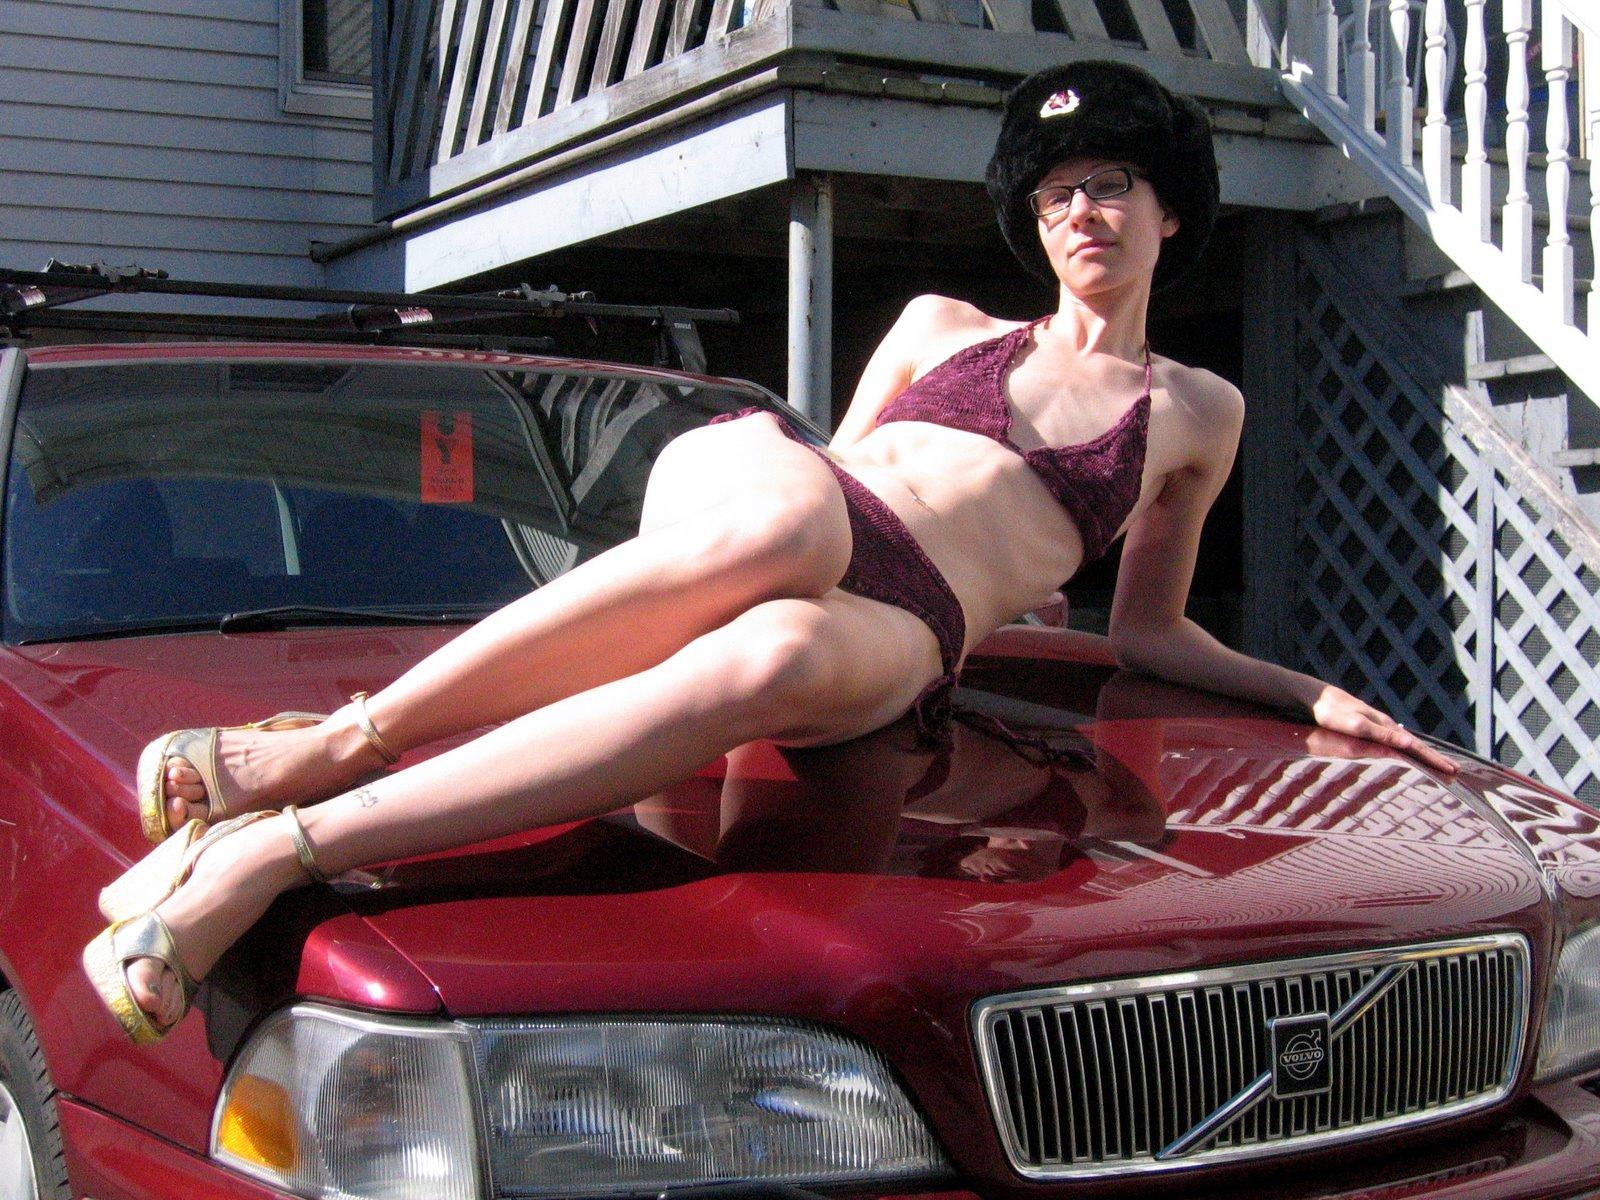 [New+Car+and+New+Handknit+Bikini]